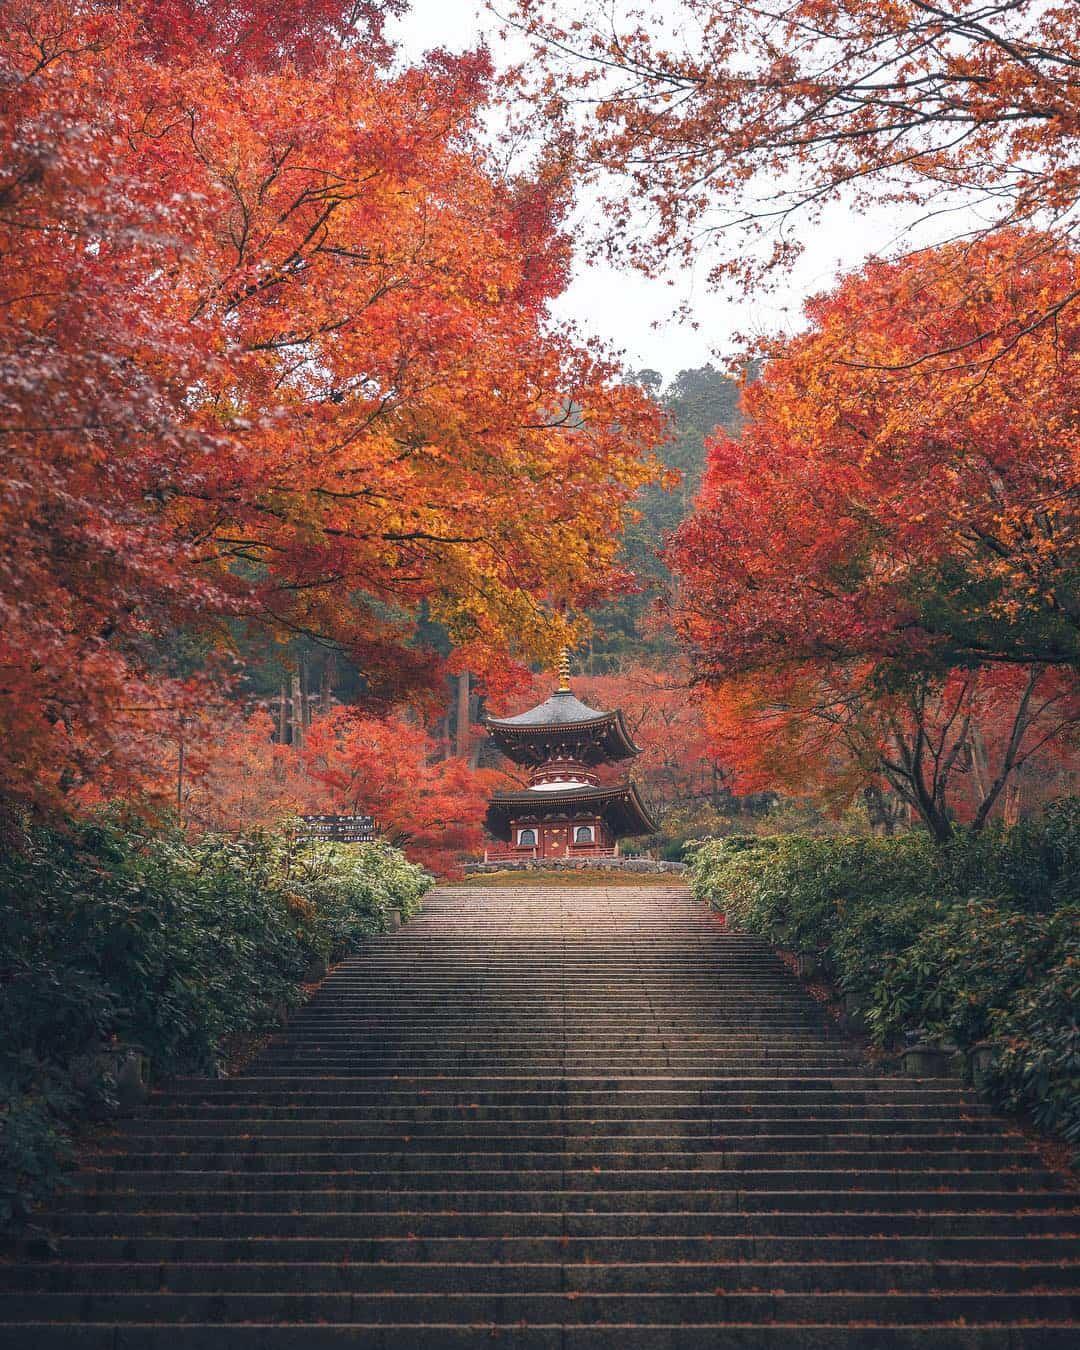 Enchanting Fall Landscape Photos of Japan Hiroki Nose